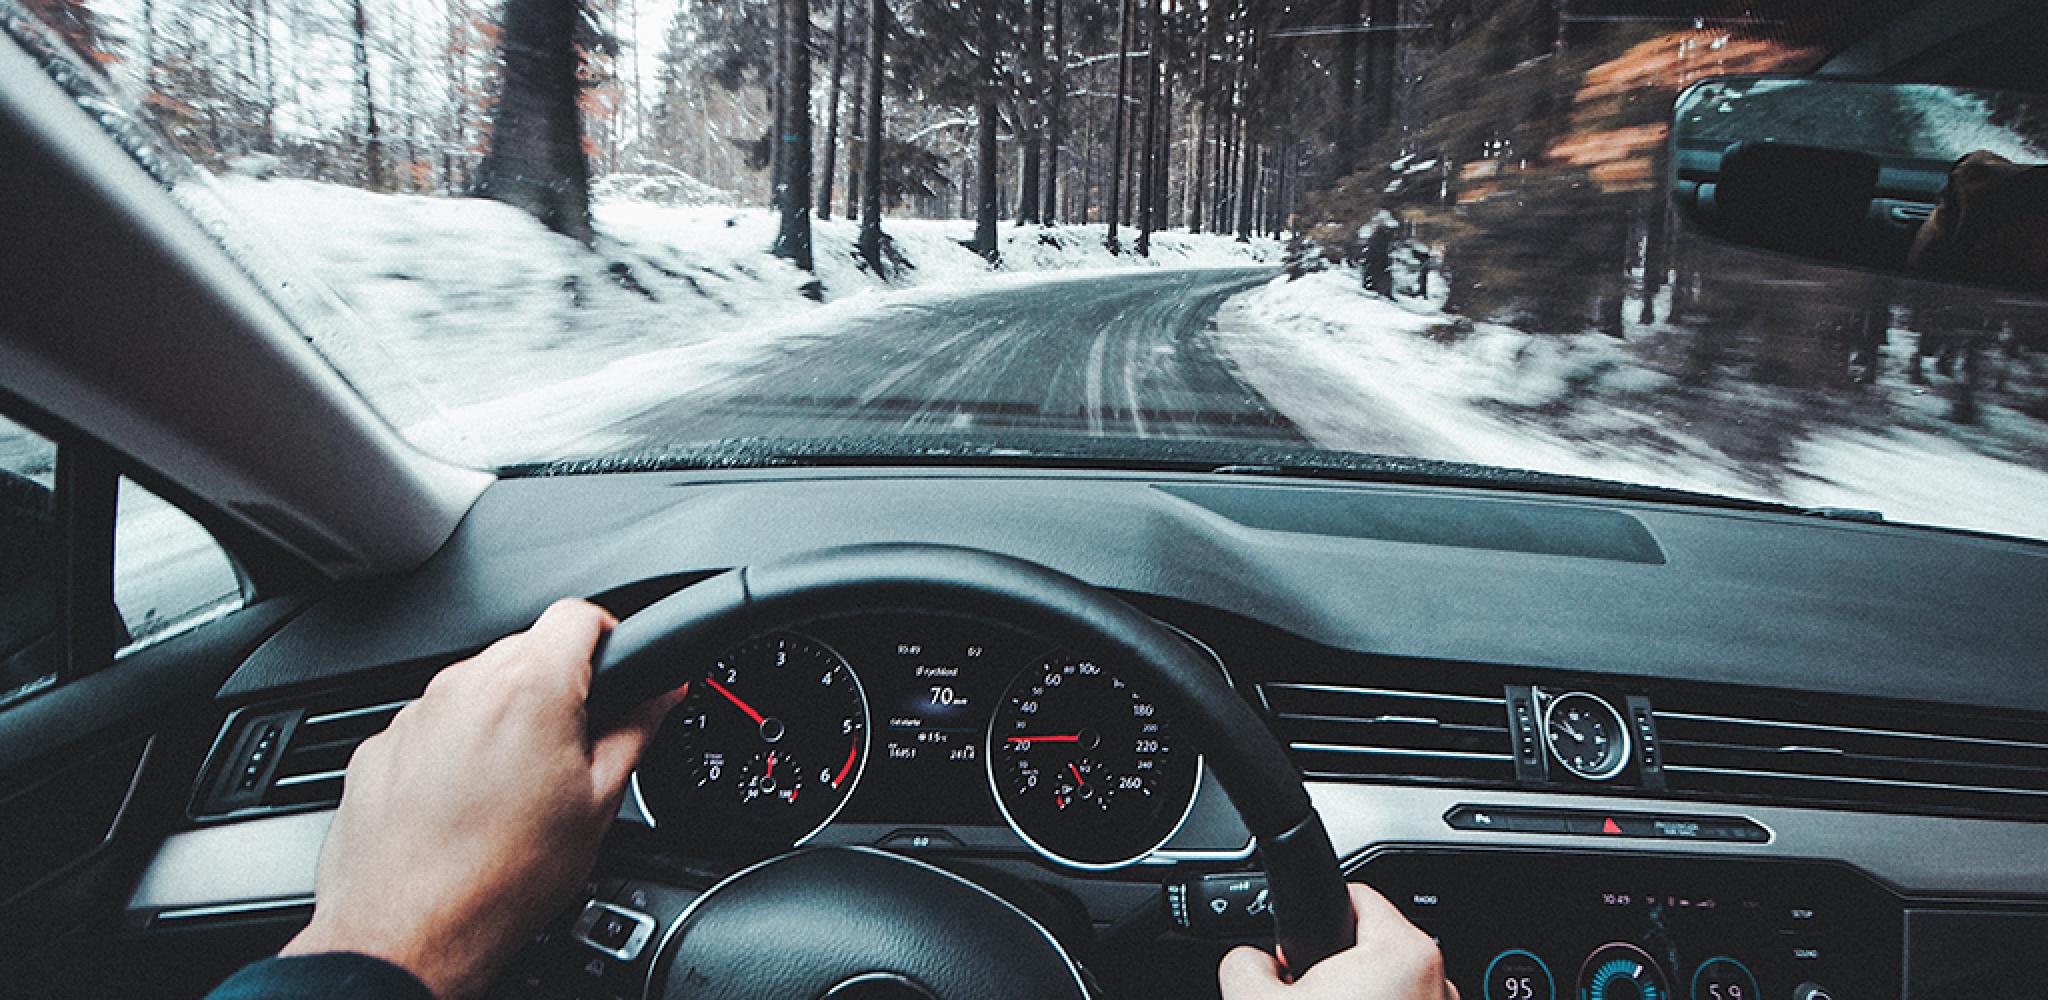 Doe de wintercheck-2019-11-18 10:31:52